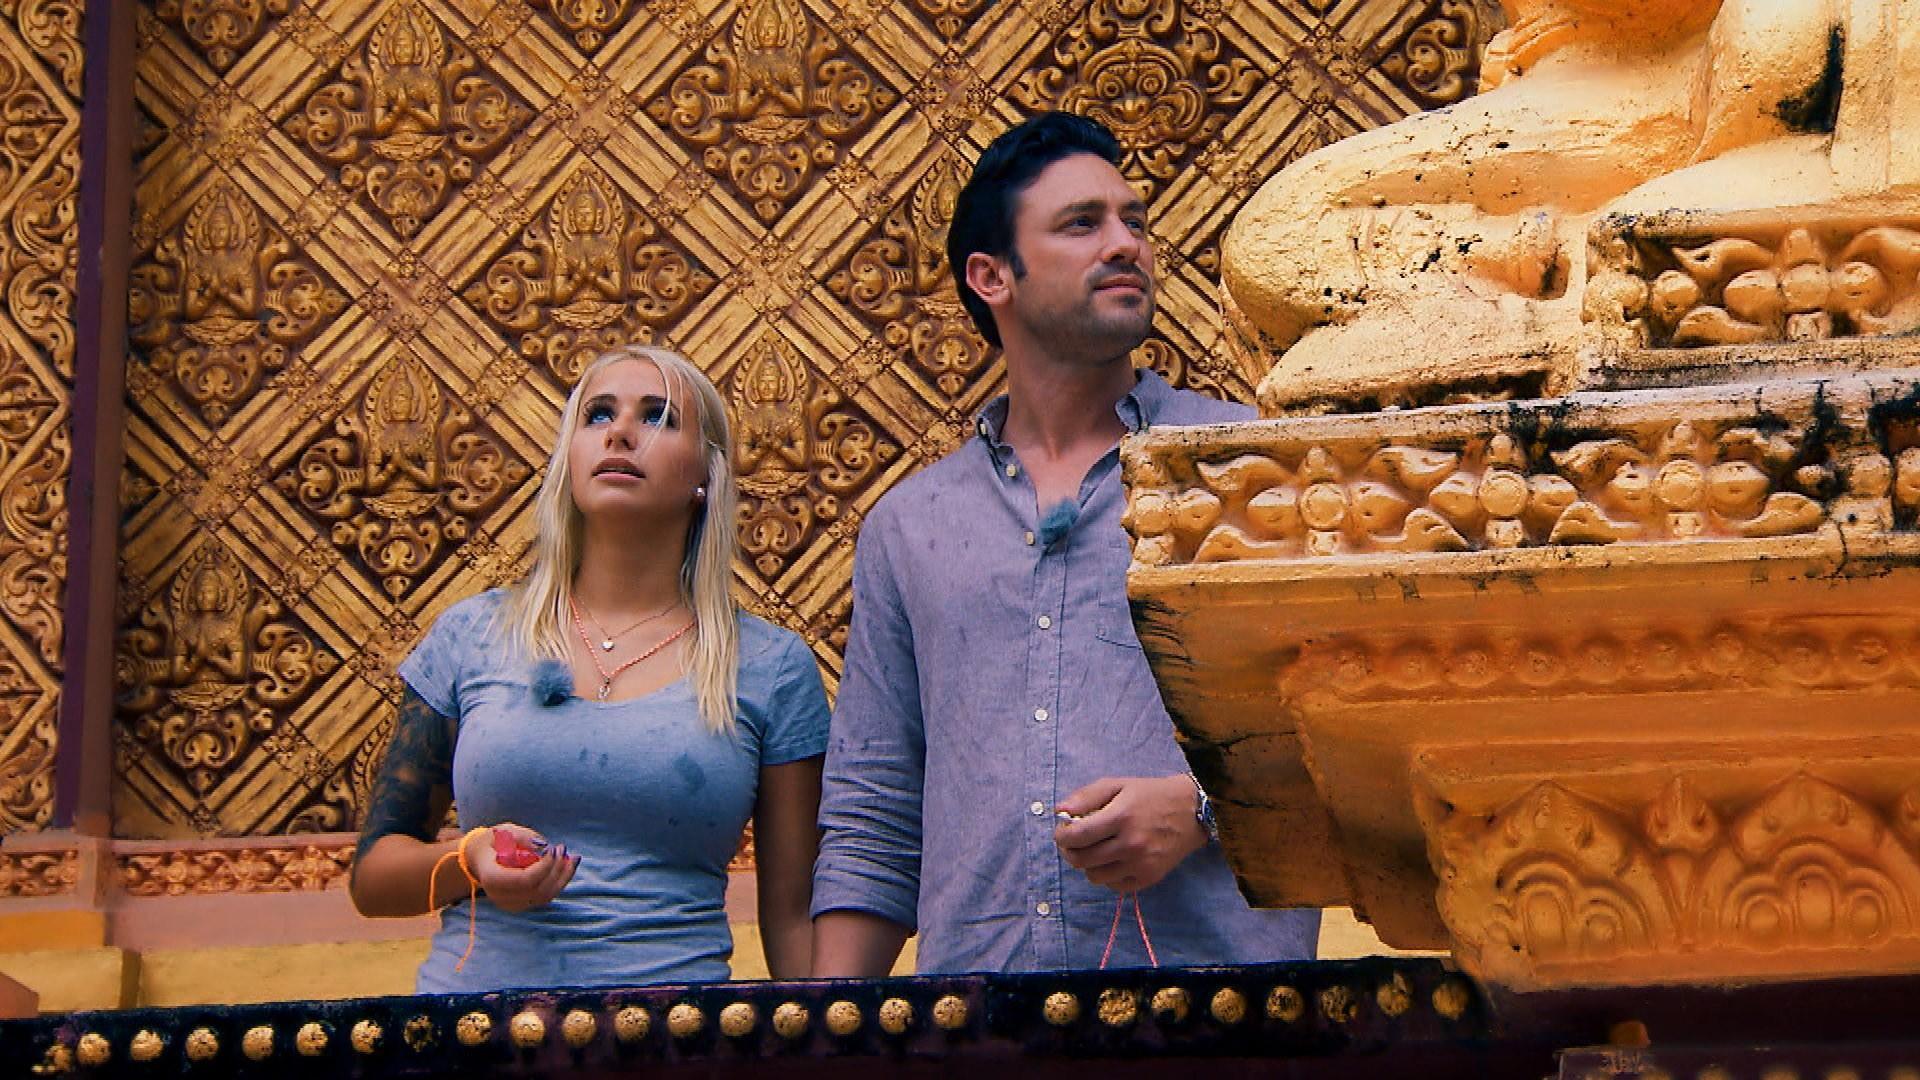 Das Dreamdate von Carina und Daniel läuft nicht ideal. Der Blondine gefällt es nicht in der Tempelanlage